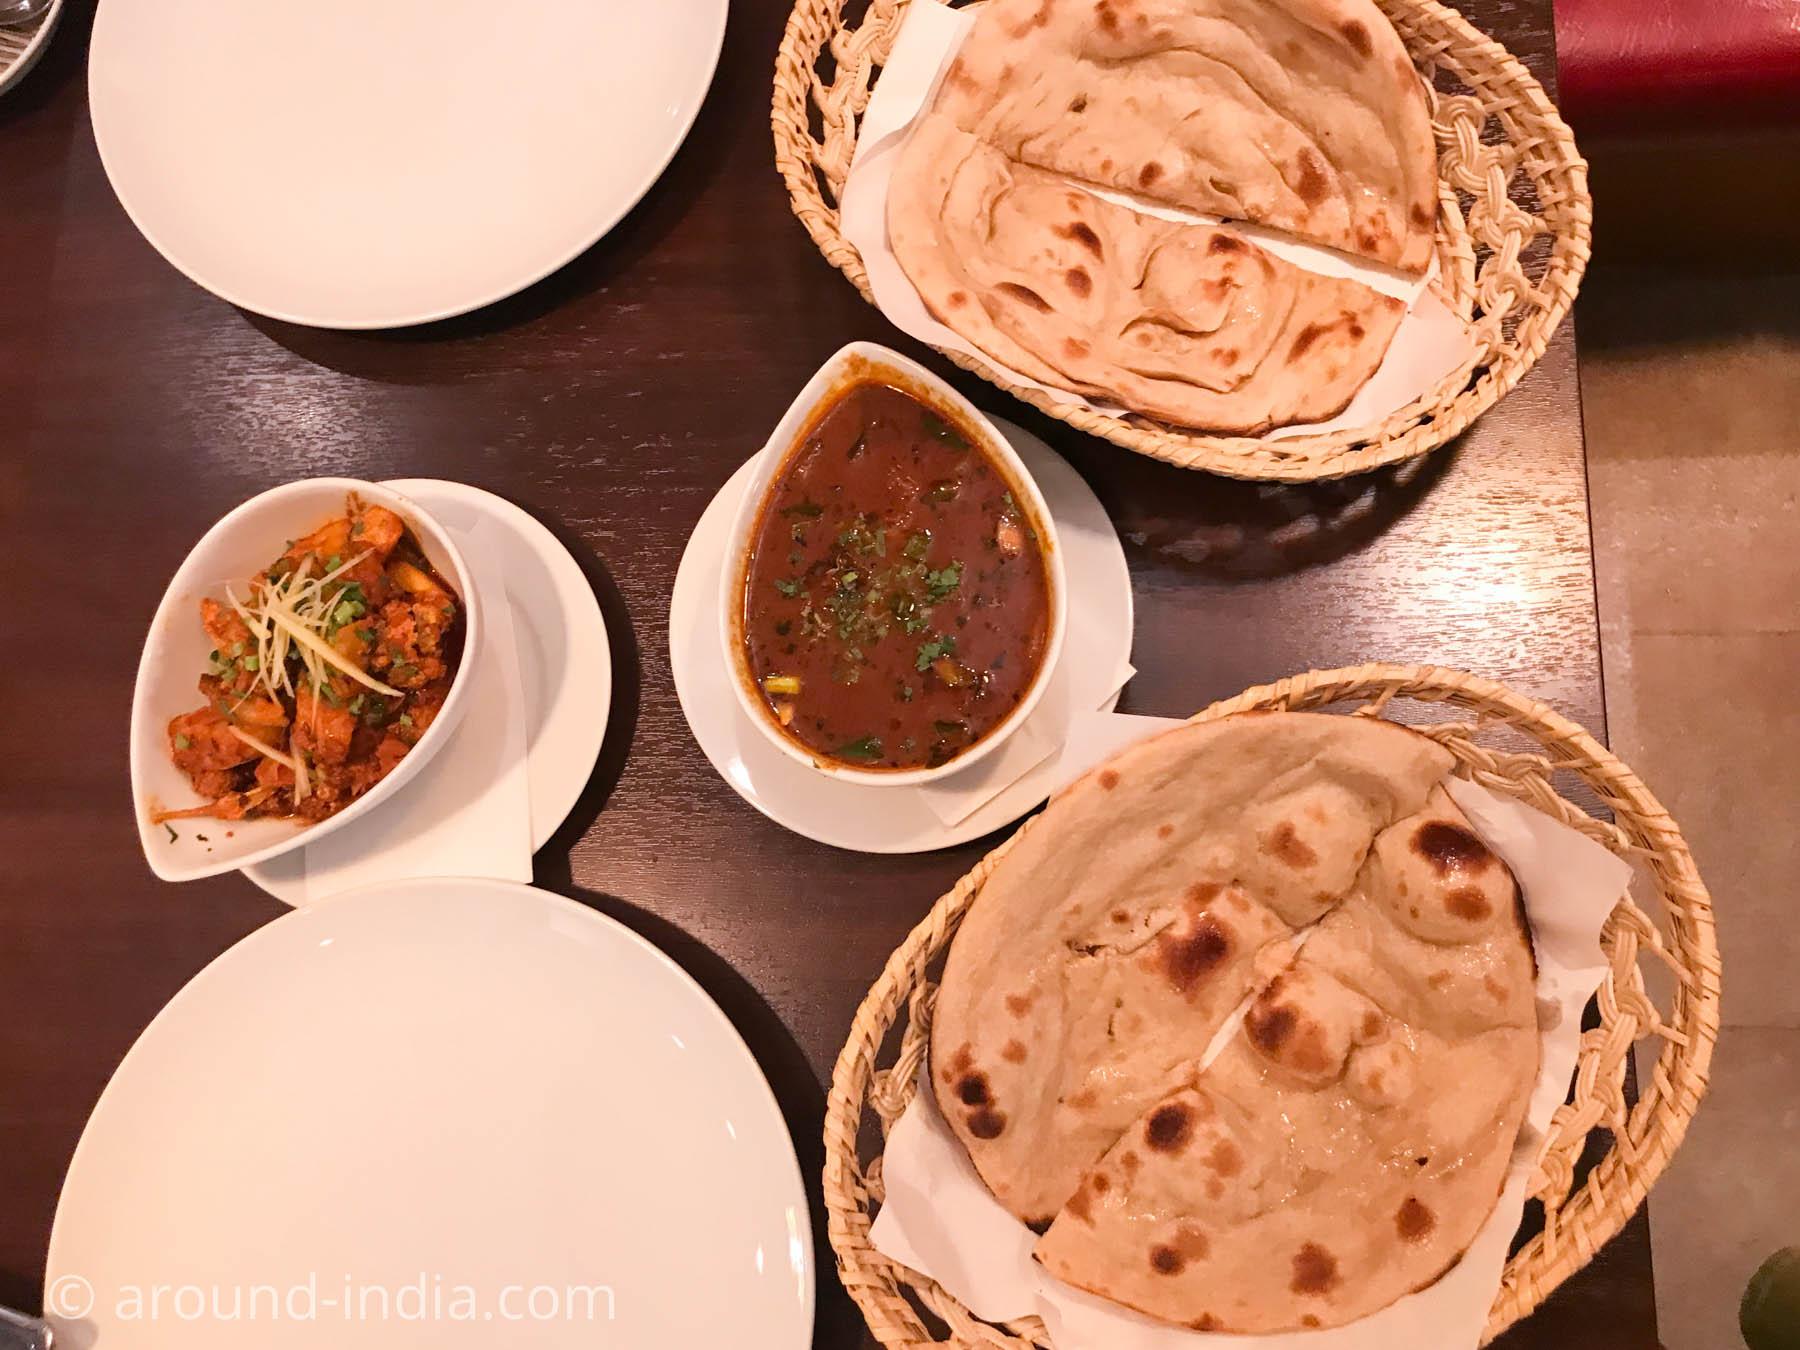 横浜中華街のインド料理店ナクシャトラ お料理